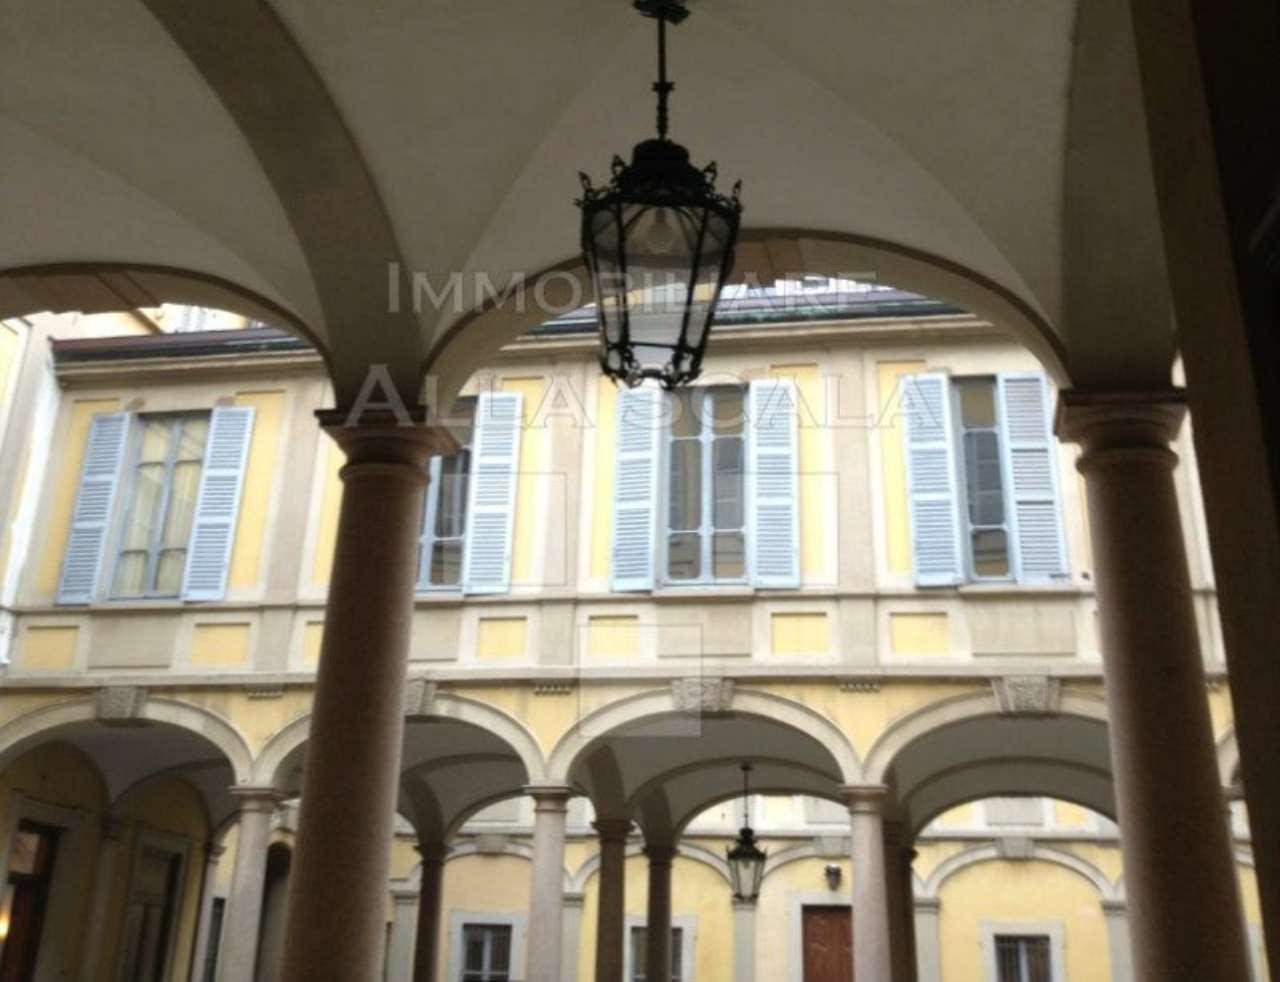 Ufficio-studio in Affitto a Milano 01 Centro storico (Cerchia dei Navigli): 5 locali, 350 mq